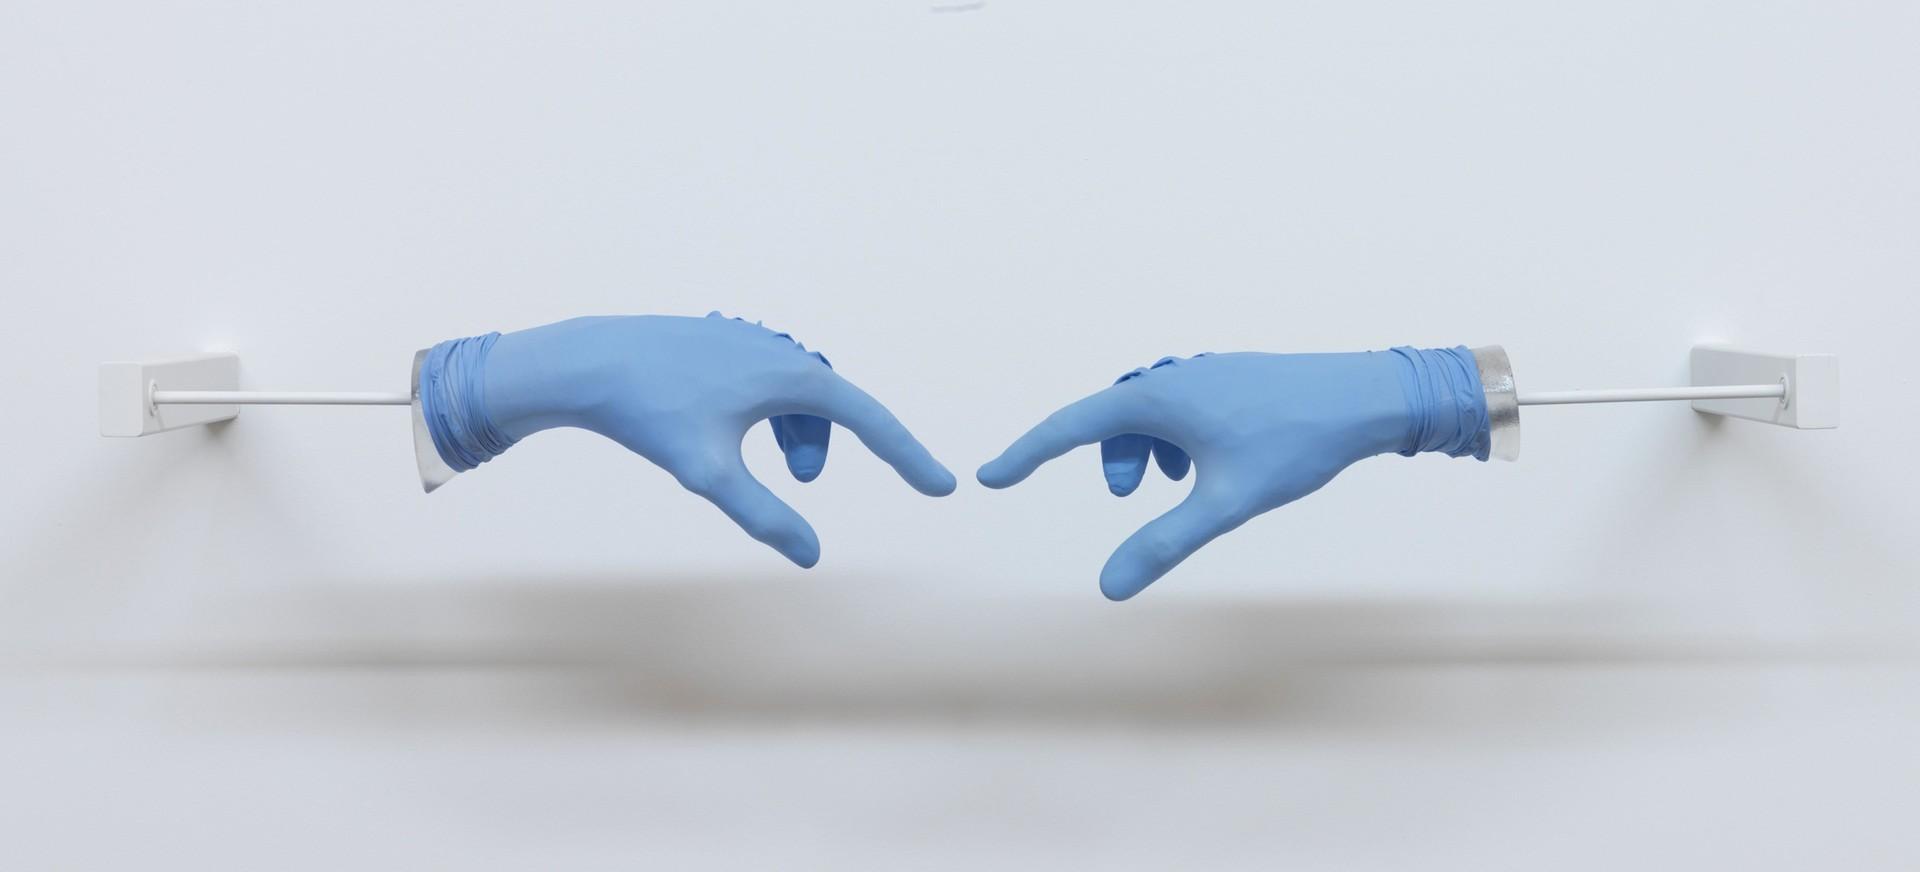 Anri Sala, Suspendu (Ciel Bleu)